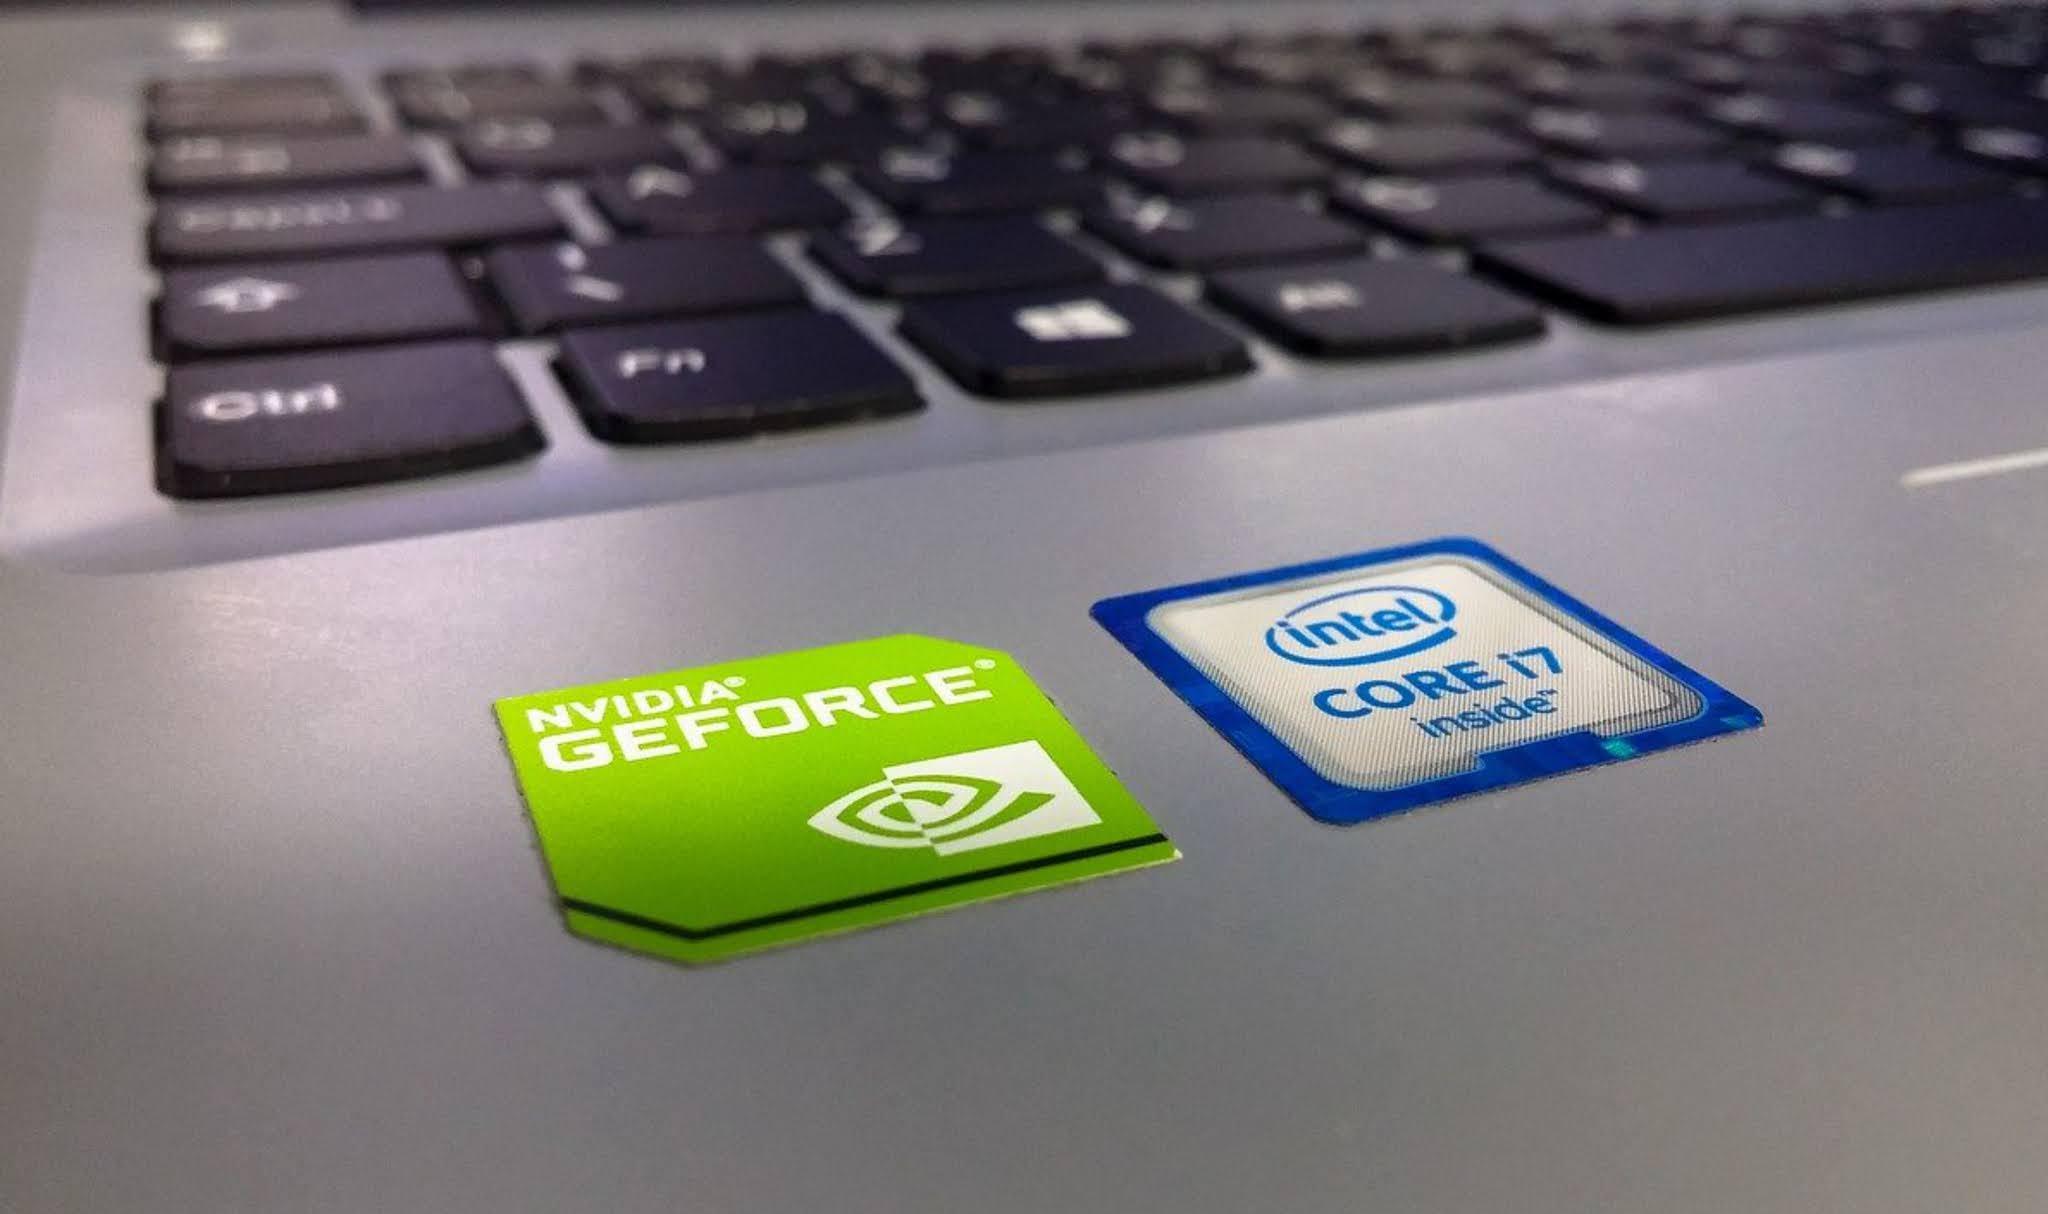 Spesifikasi laptop untuk editing video tahun 2020